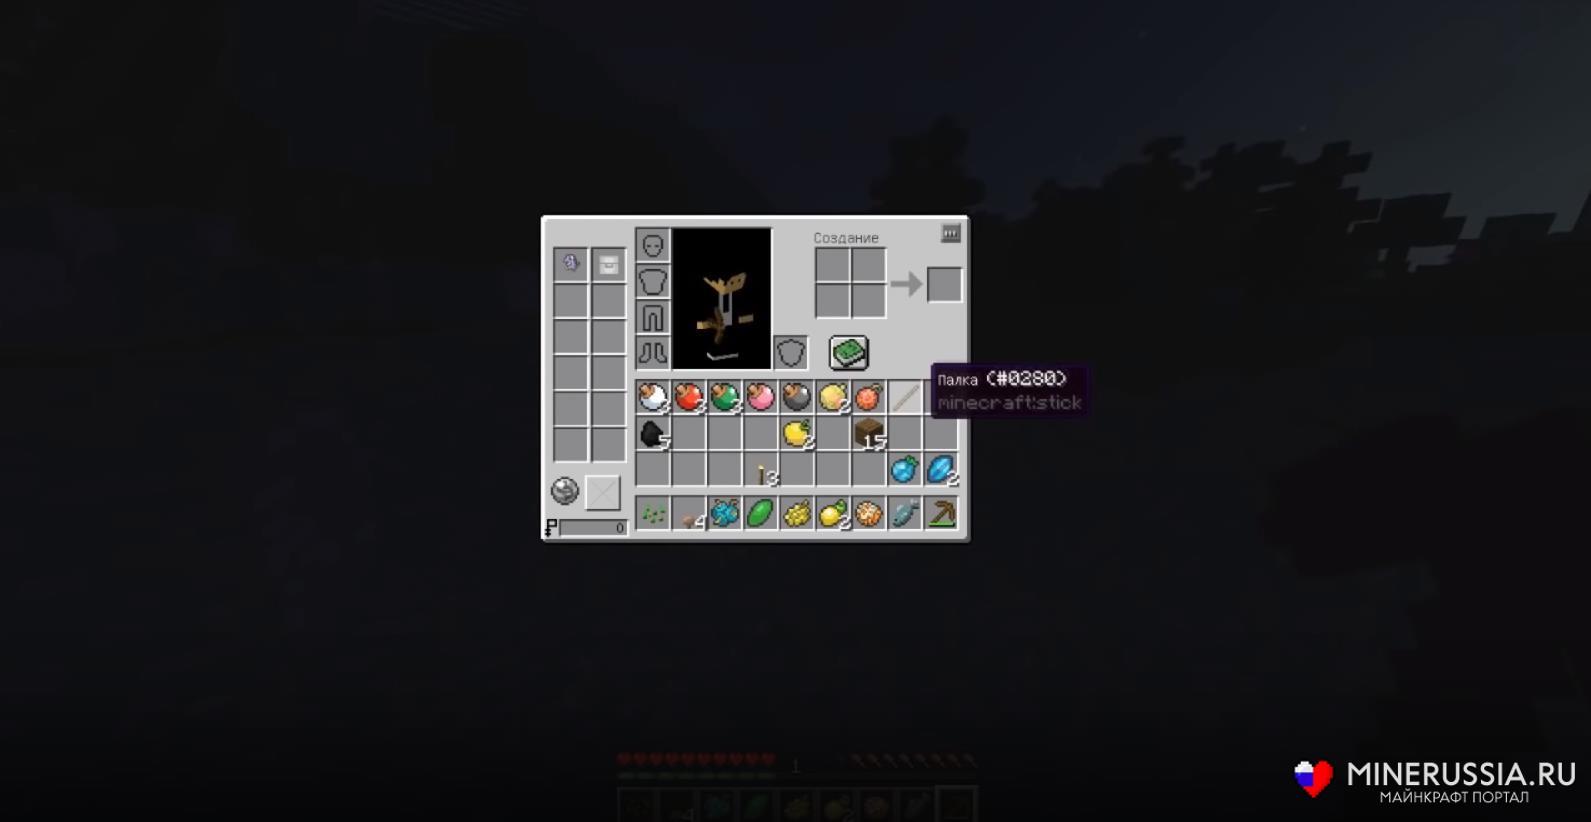 Мод на покемонов «Pixelmon»1.12.2/1.7.10 - скриншот 5